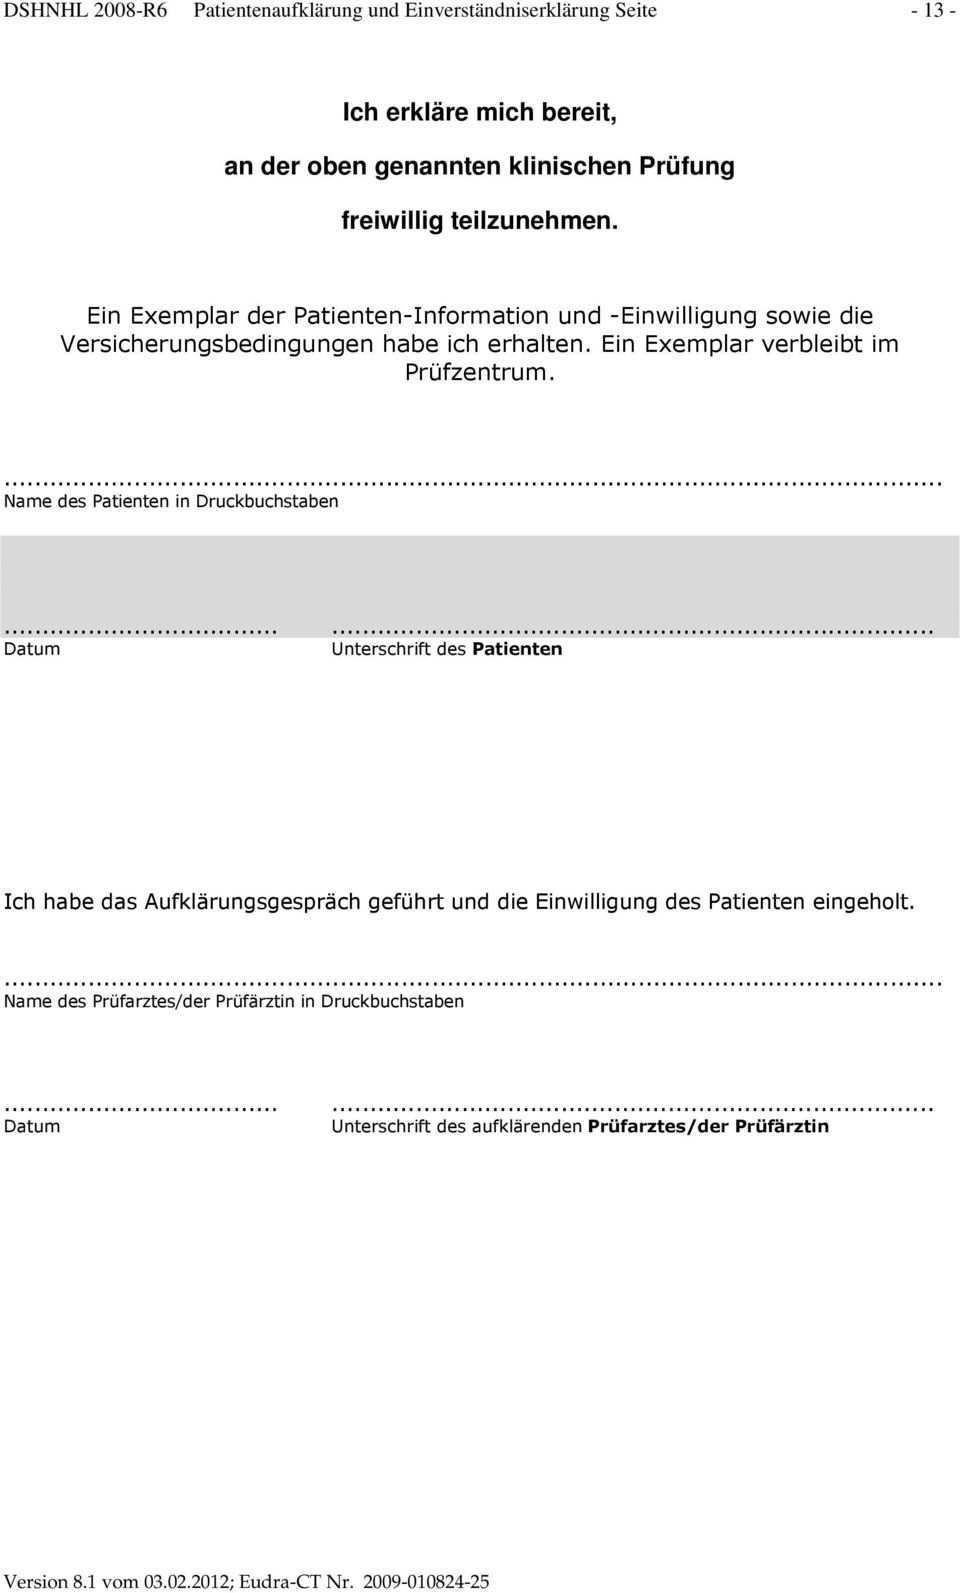 Patienteninformation Einverstandniserklarung Und Protokoll Des Aufklarungsgesprachs Pdf Kostenfreier Download